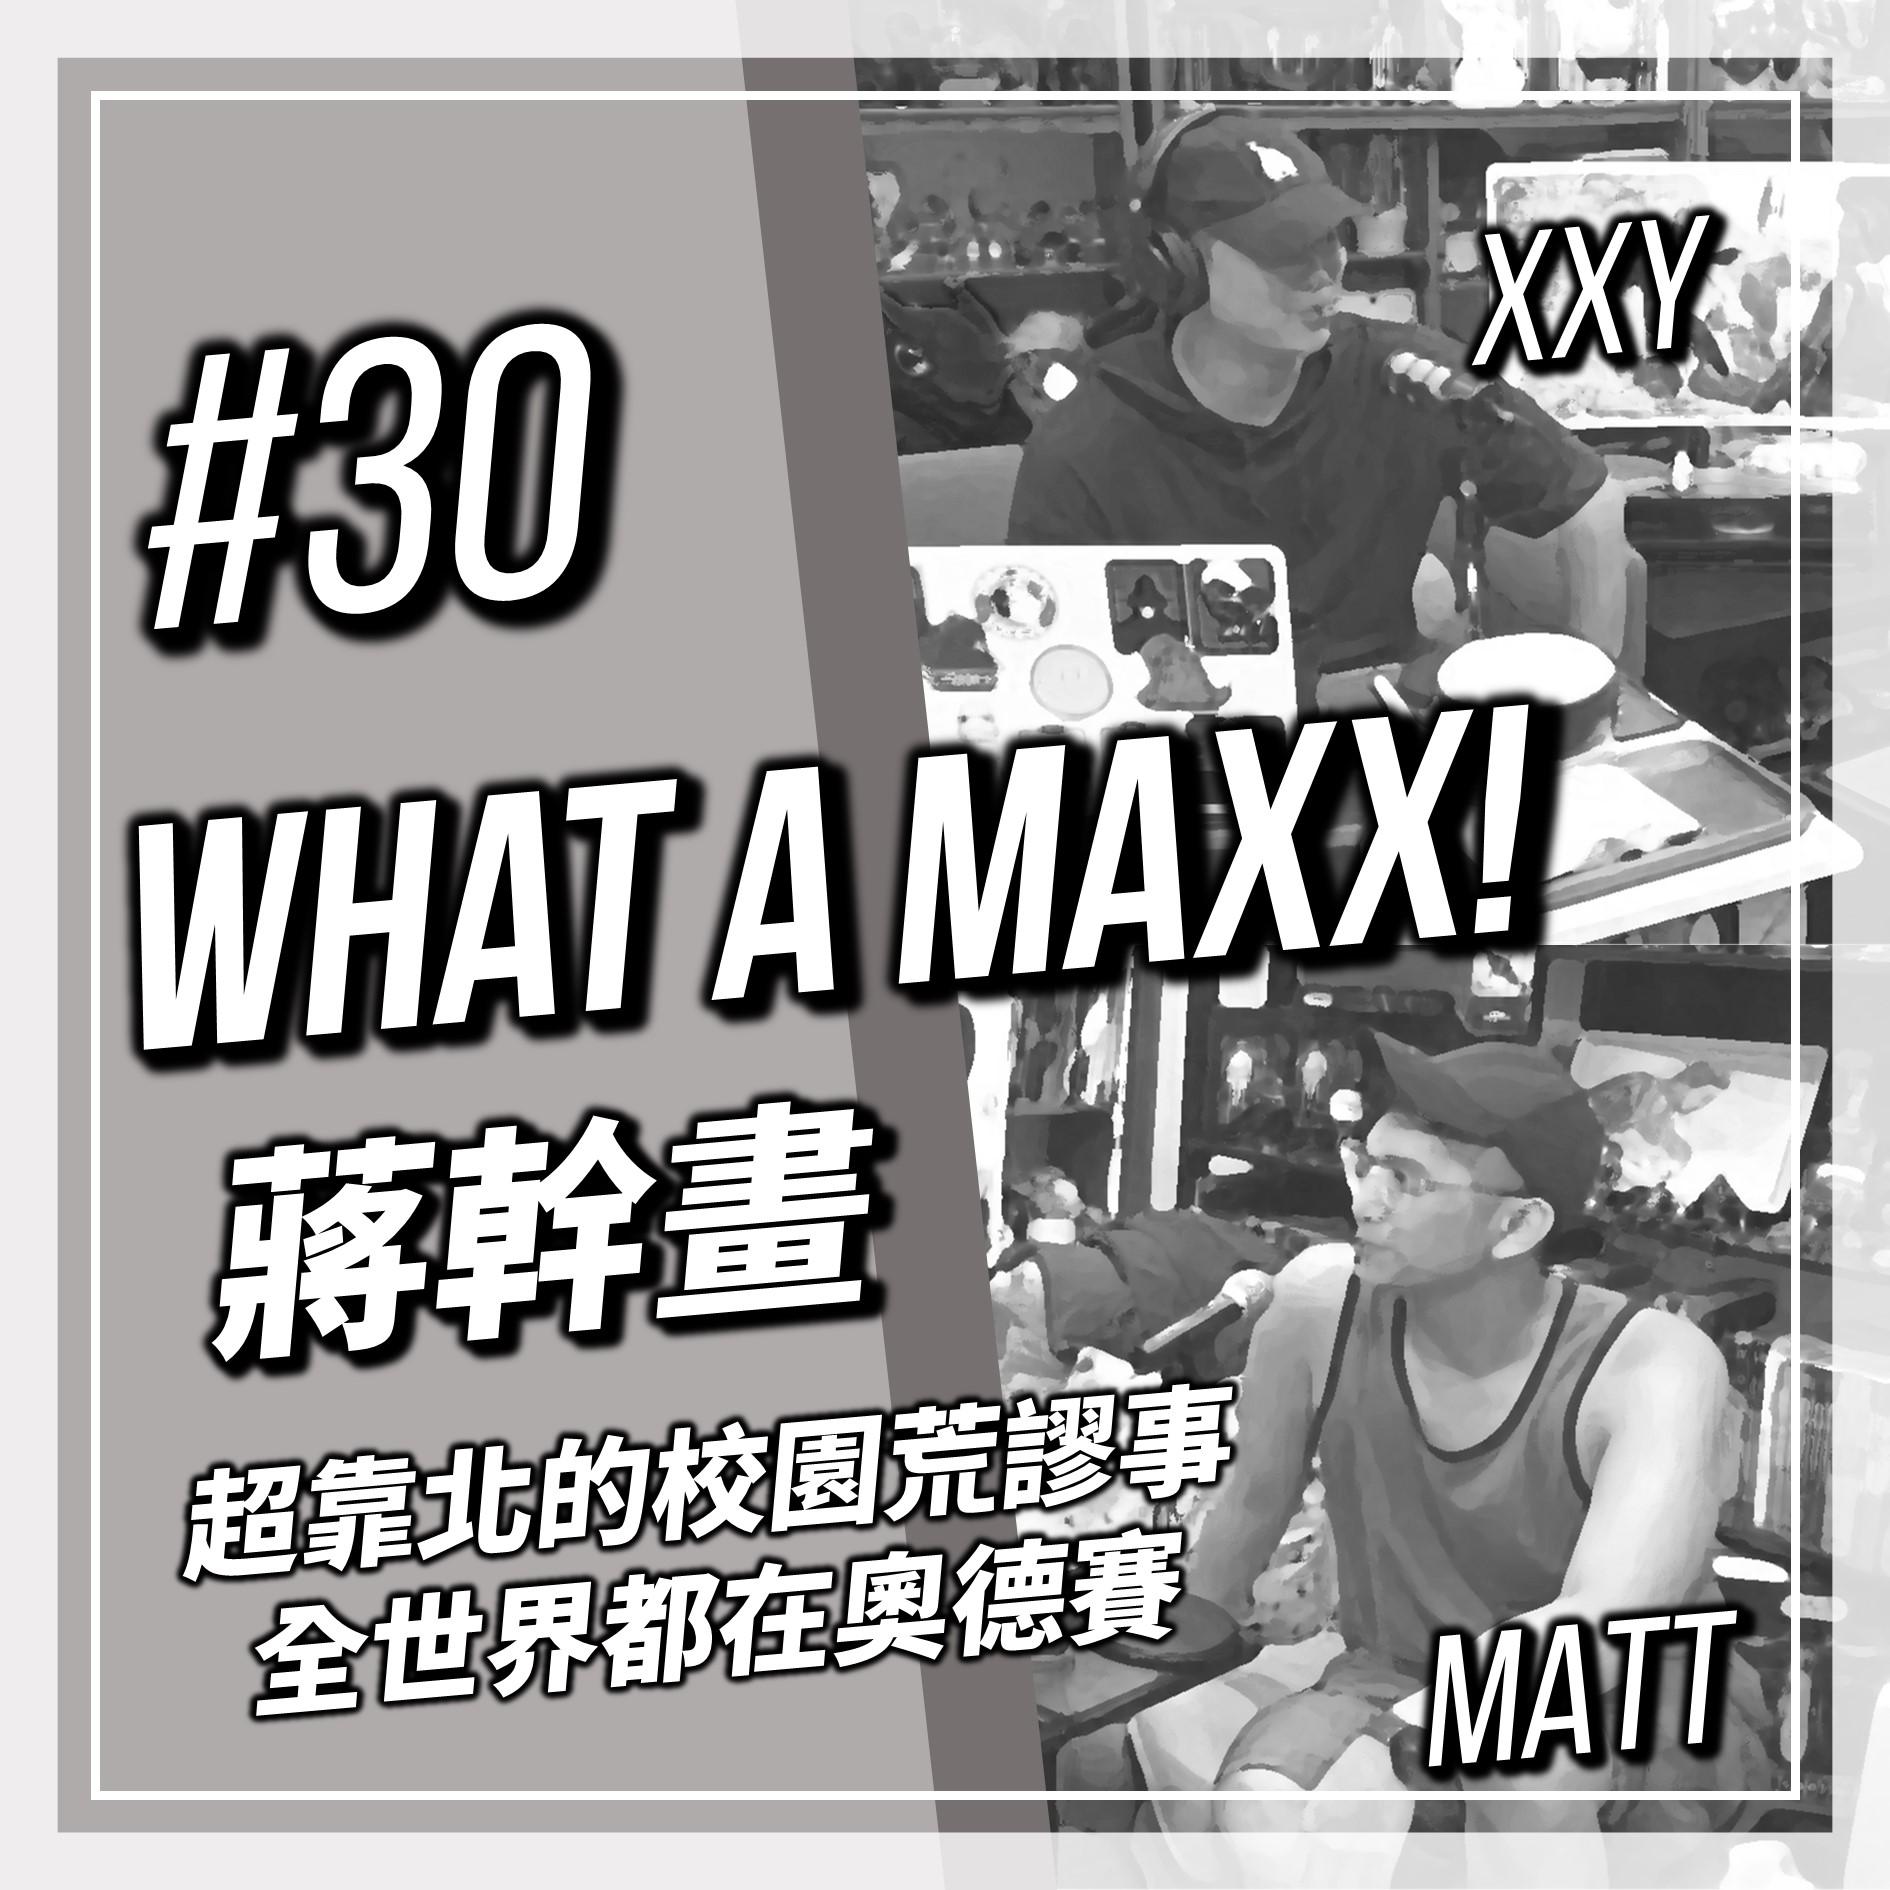 【What A MAXX! 蔣幹畫】#030 - 超靠北的校園荒謬事 全世界現在都在奧德賽 | XXY + Matt